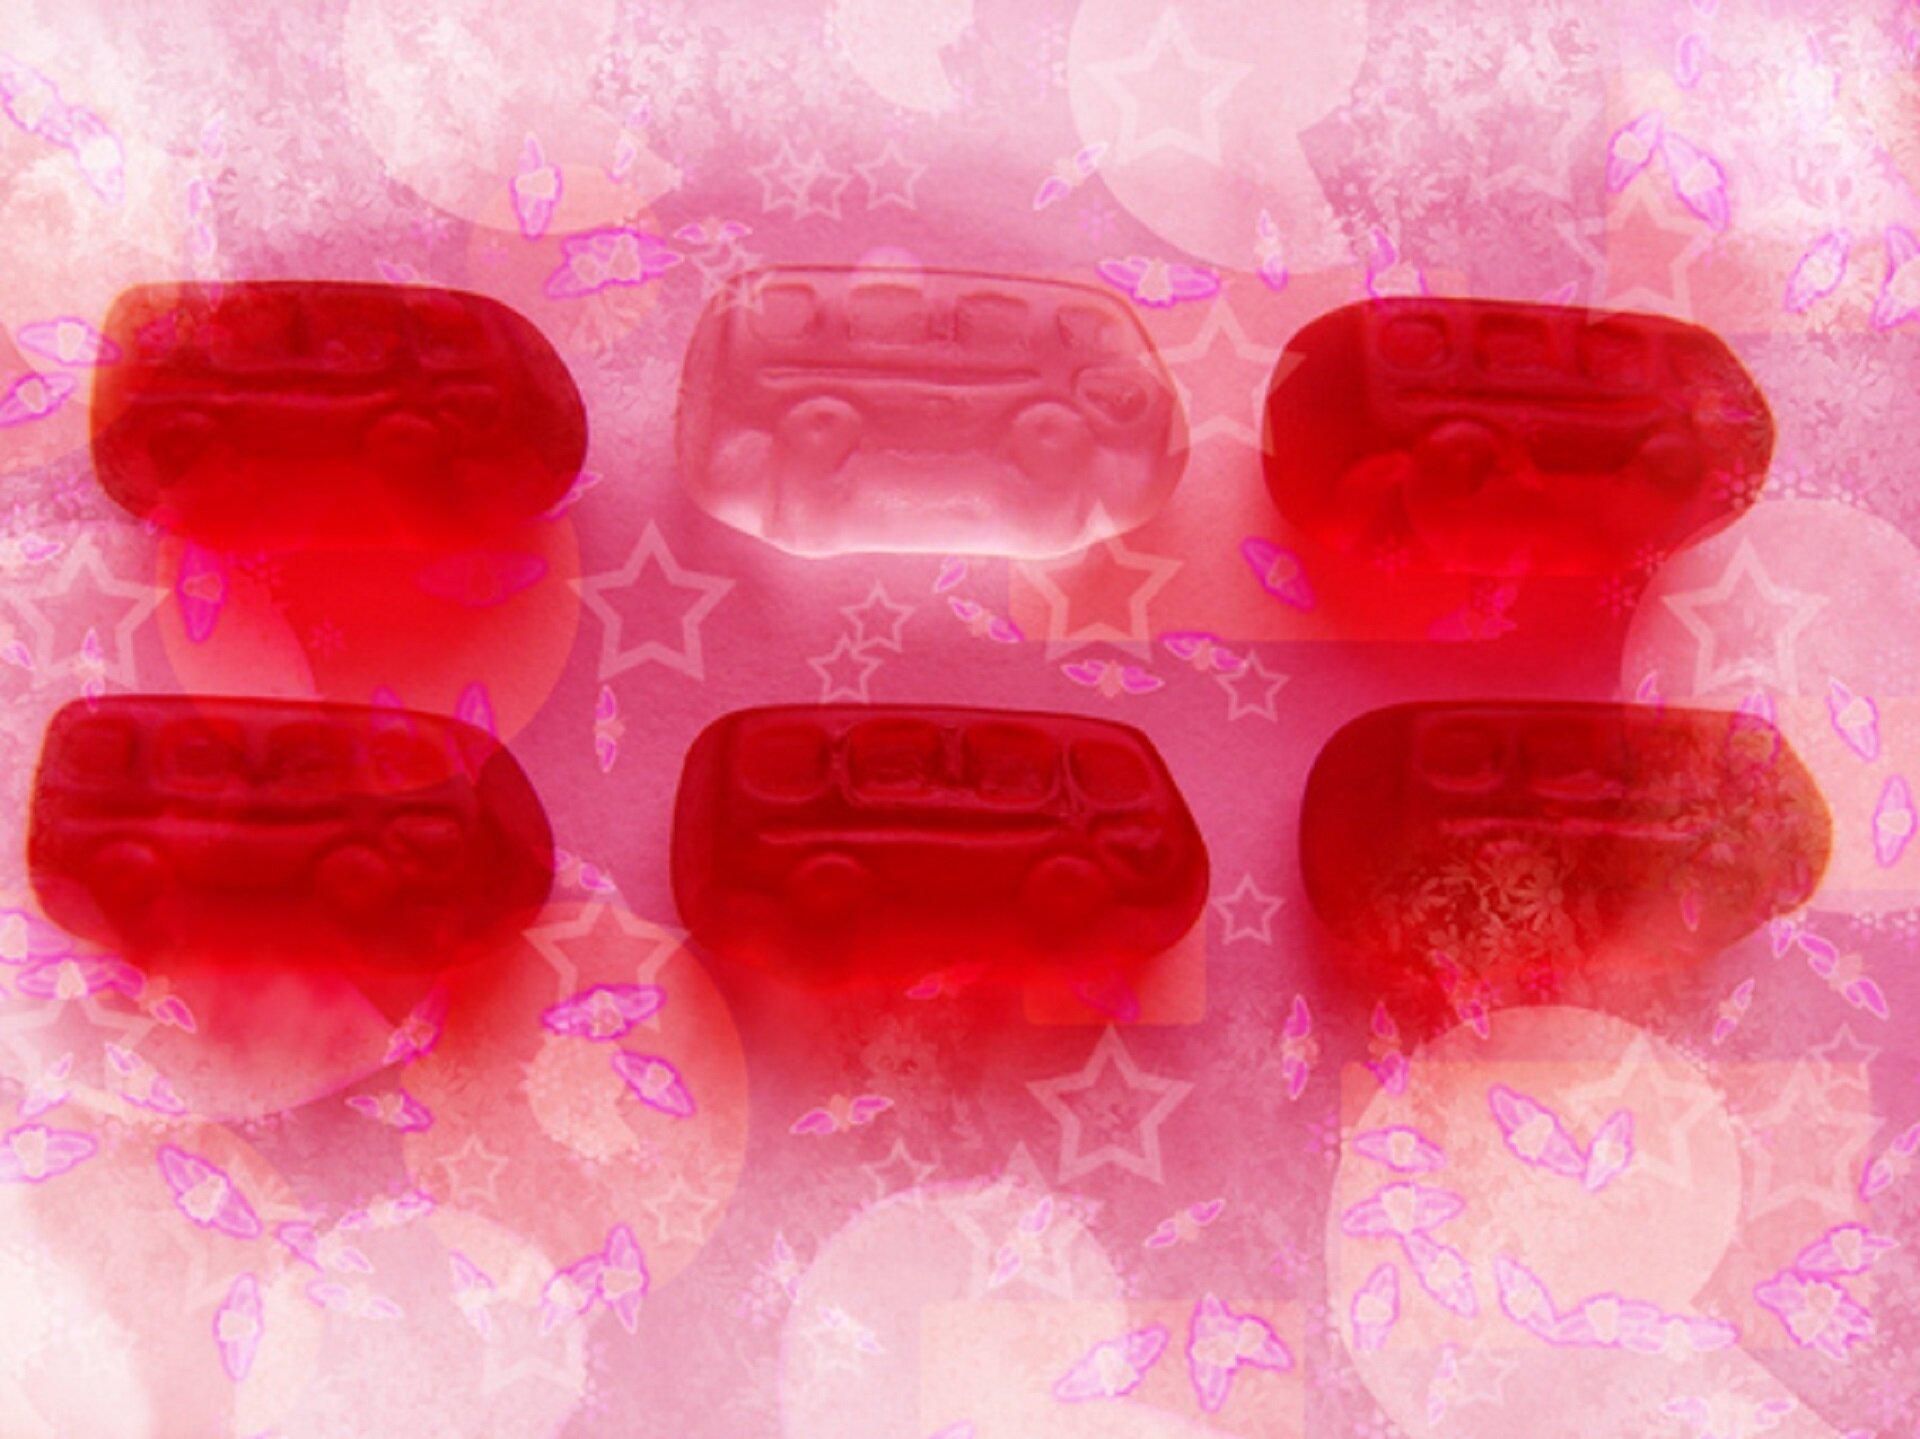 """Ilustracja przedstawia pracę Agaty Dworzak-Subocz pt. """"Dyskretny urok różu"""". Wykonana została ona techniką druku cyfrowego. Na ilustracji przedstawione zostały elementy wyglądem przypominające żelki. Są one wkształcie autobusu. Widzimy sześć elementów, zczego pięć jest wkolorze czerwonym, natomiast jeden jest przezroczysty. Ułożone są one wdwóch rzędach na różowym tle zgwiazdkami. Autorem pracy jest absolwentka Wydziału Sztuk Pięknych UMK wToruniu. Artystka jest także laureatką wielu nagród iwyróżnień wdziedzinie grafiki warsztatowej oraz cyfrowej."""